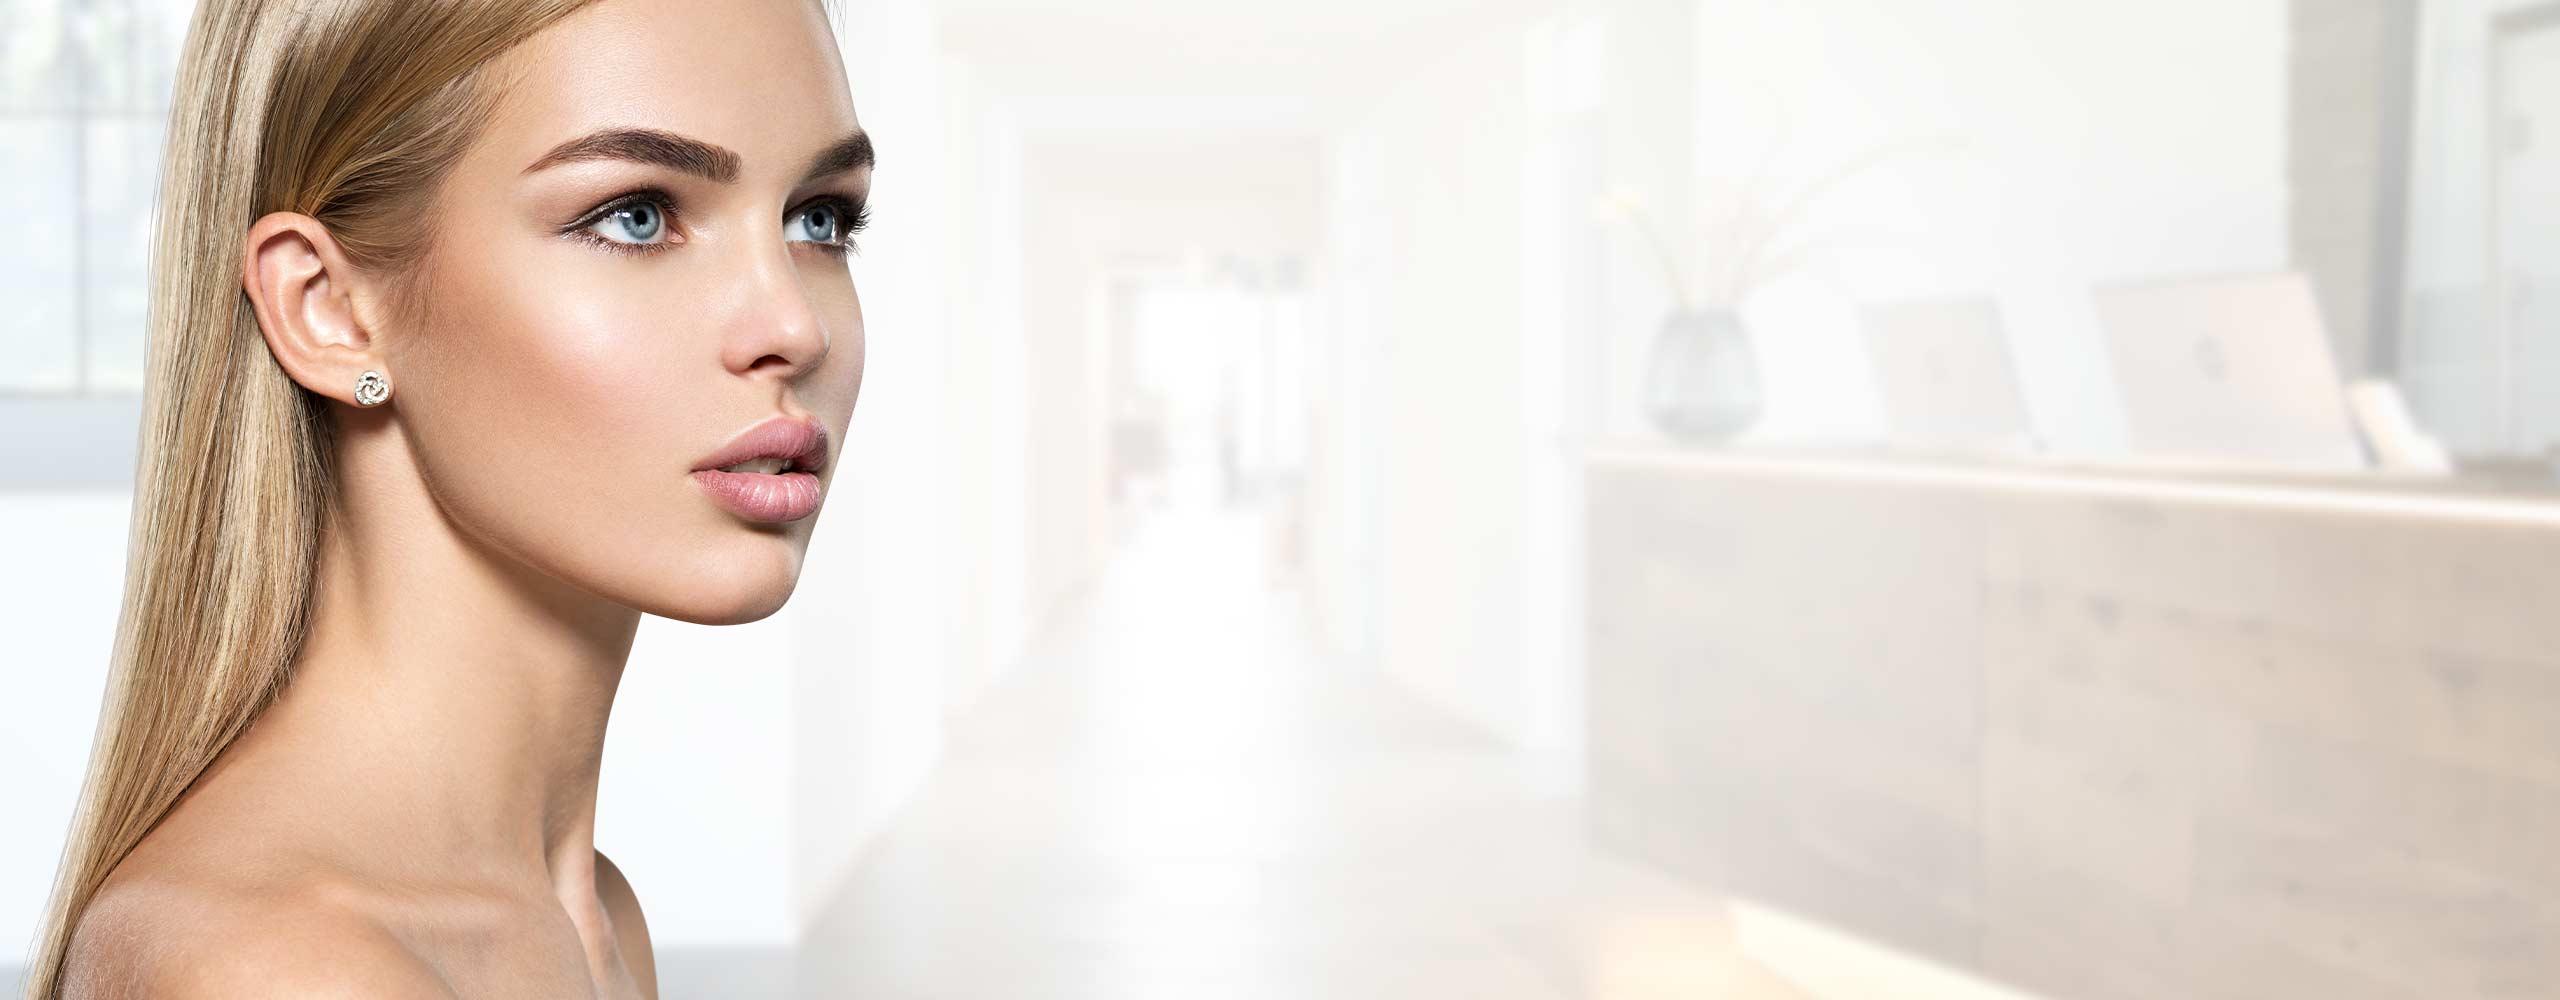 proaesthetic heidelberg schoenheitsklinik unterspritzungen stirnfalten